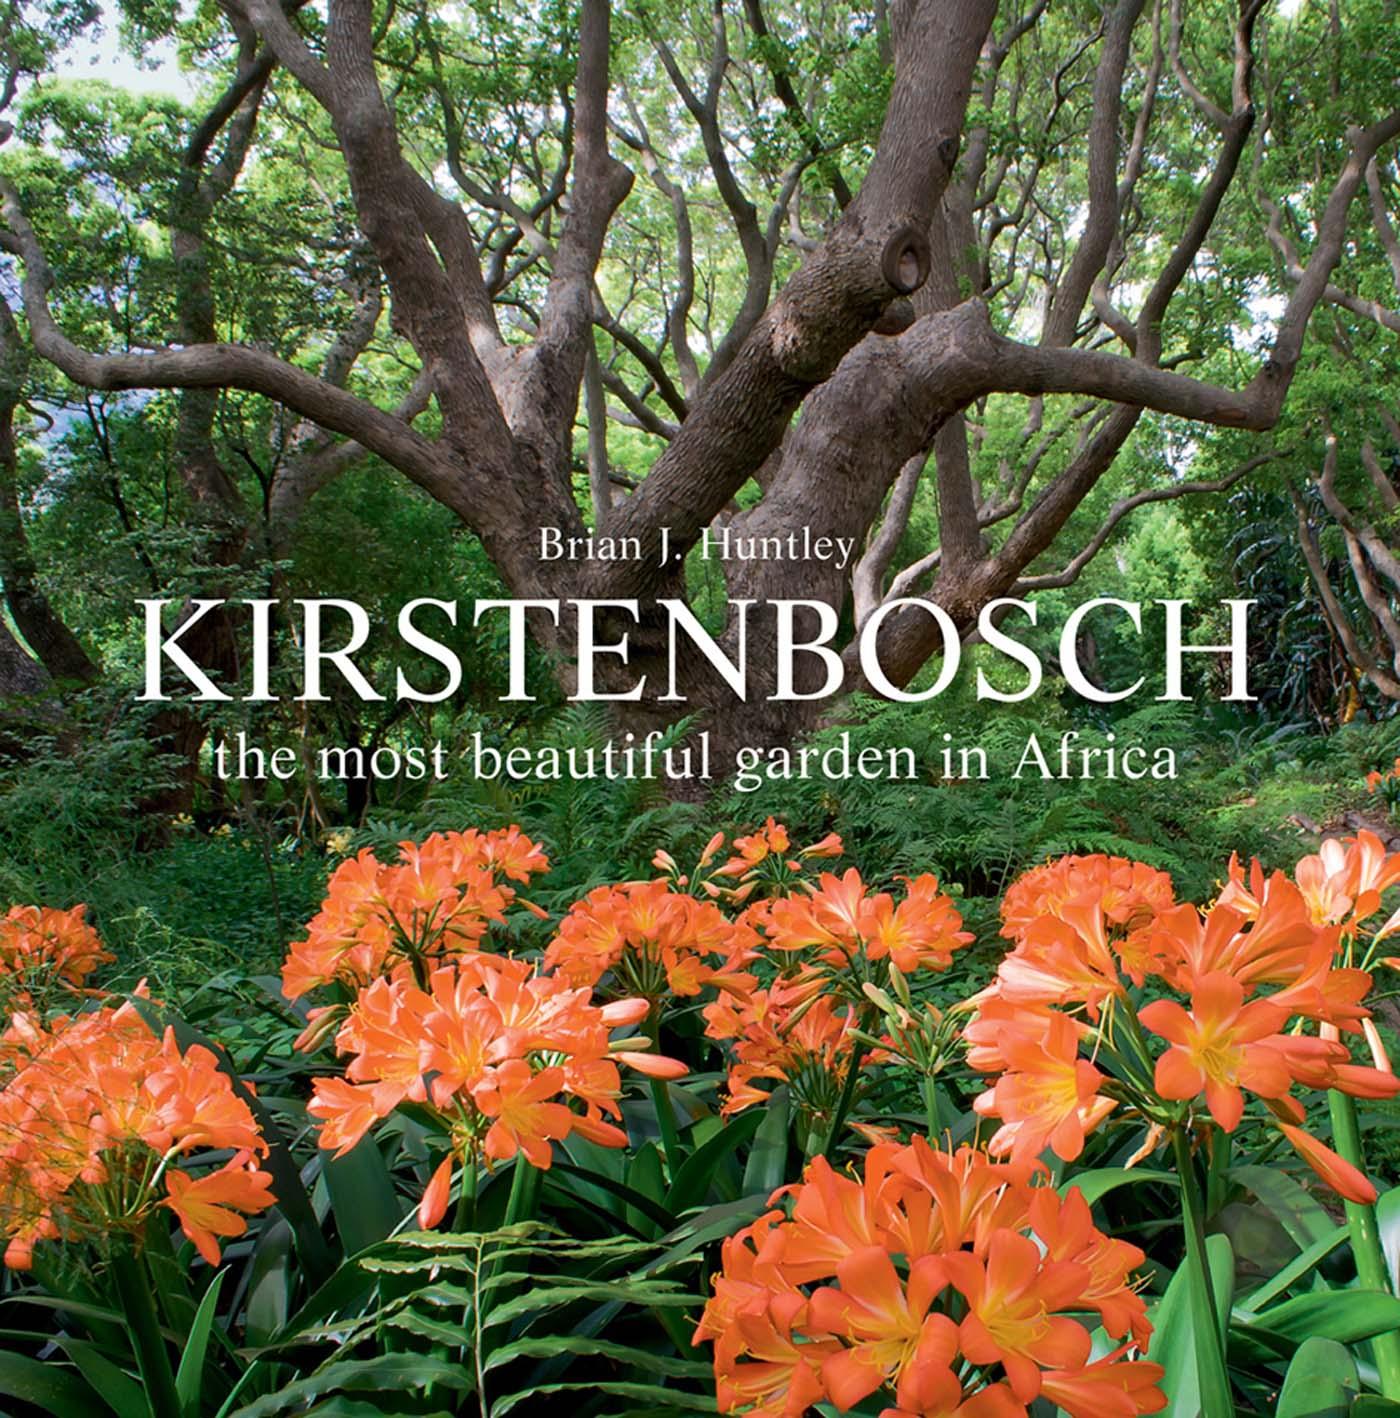 Picture of Kirstenbosch